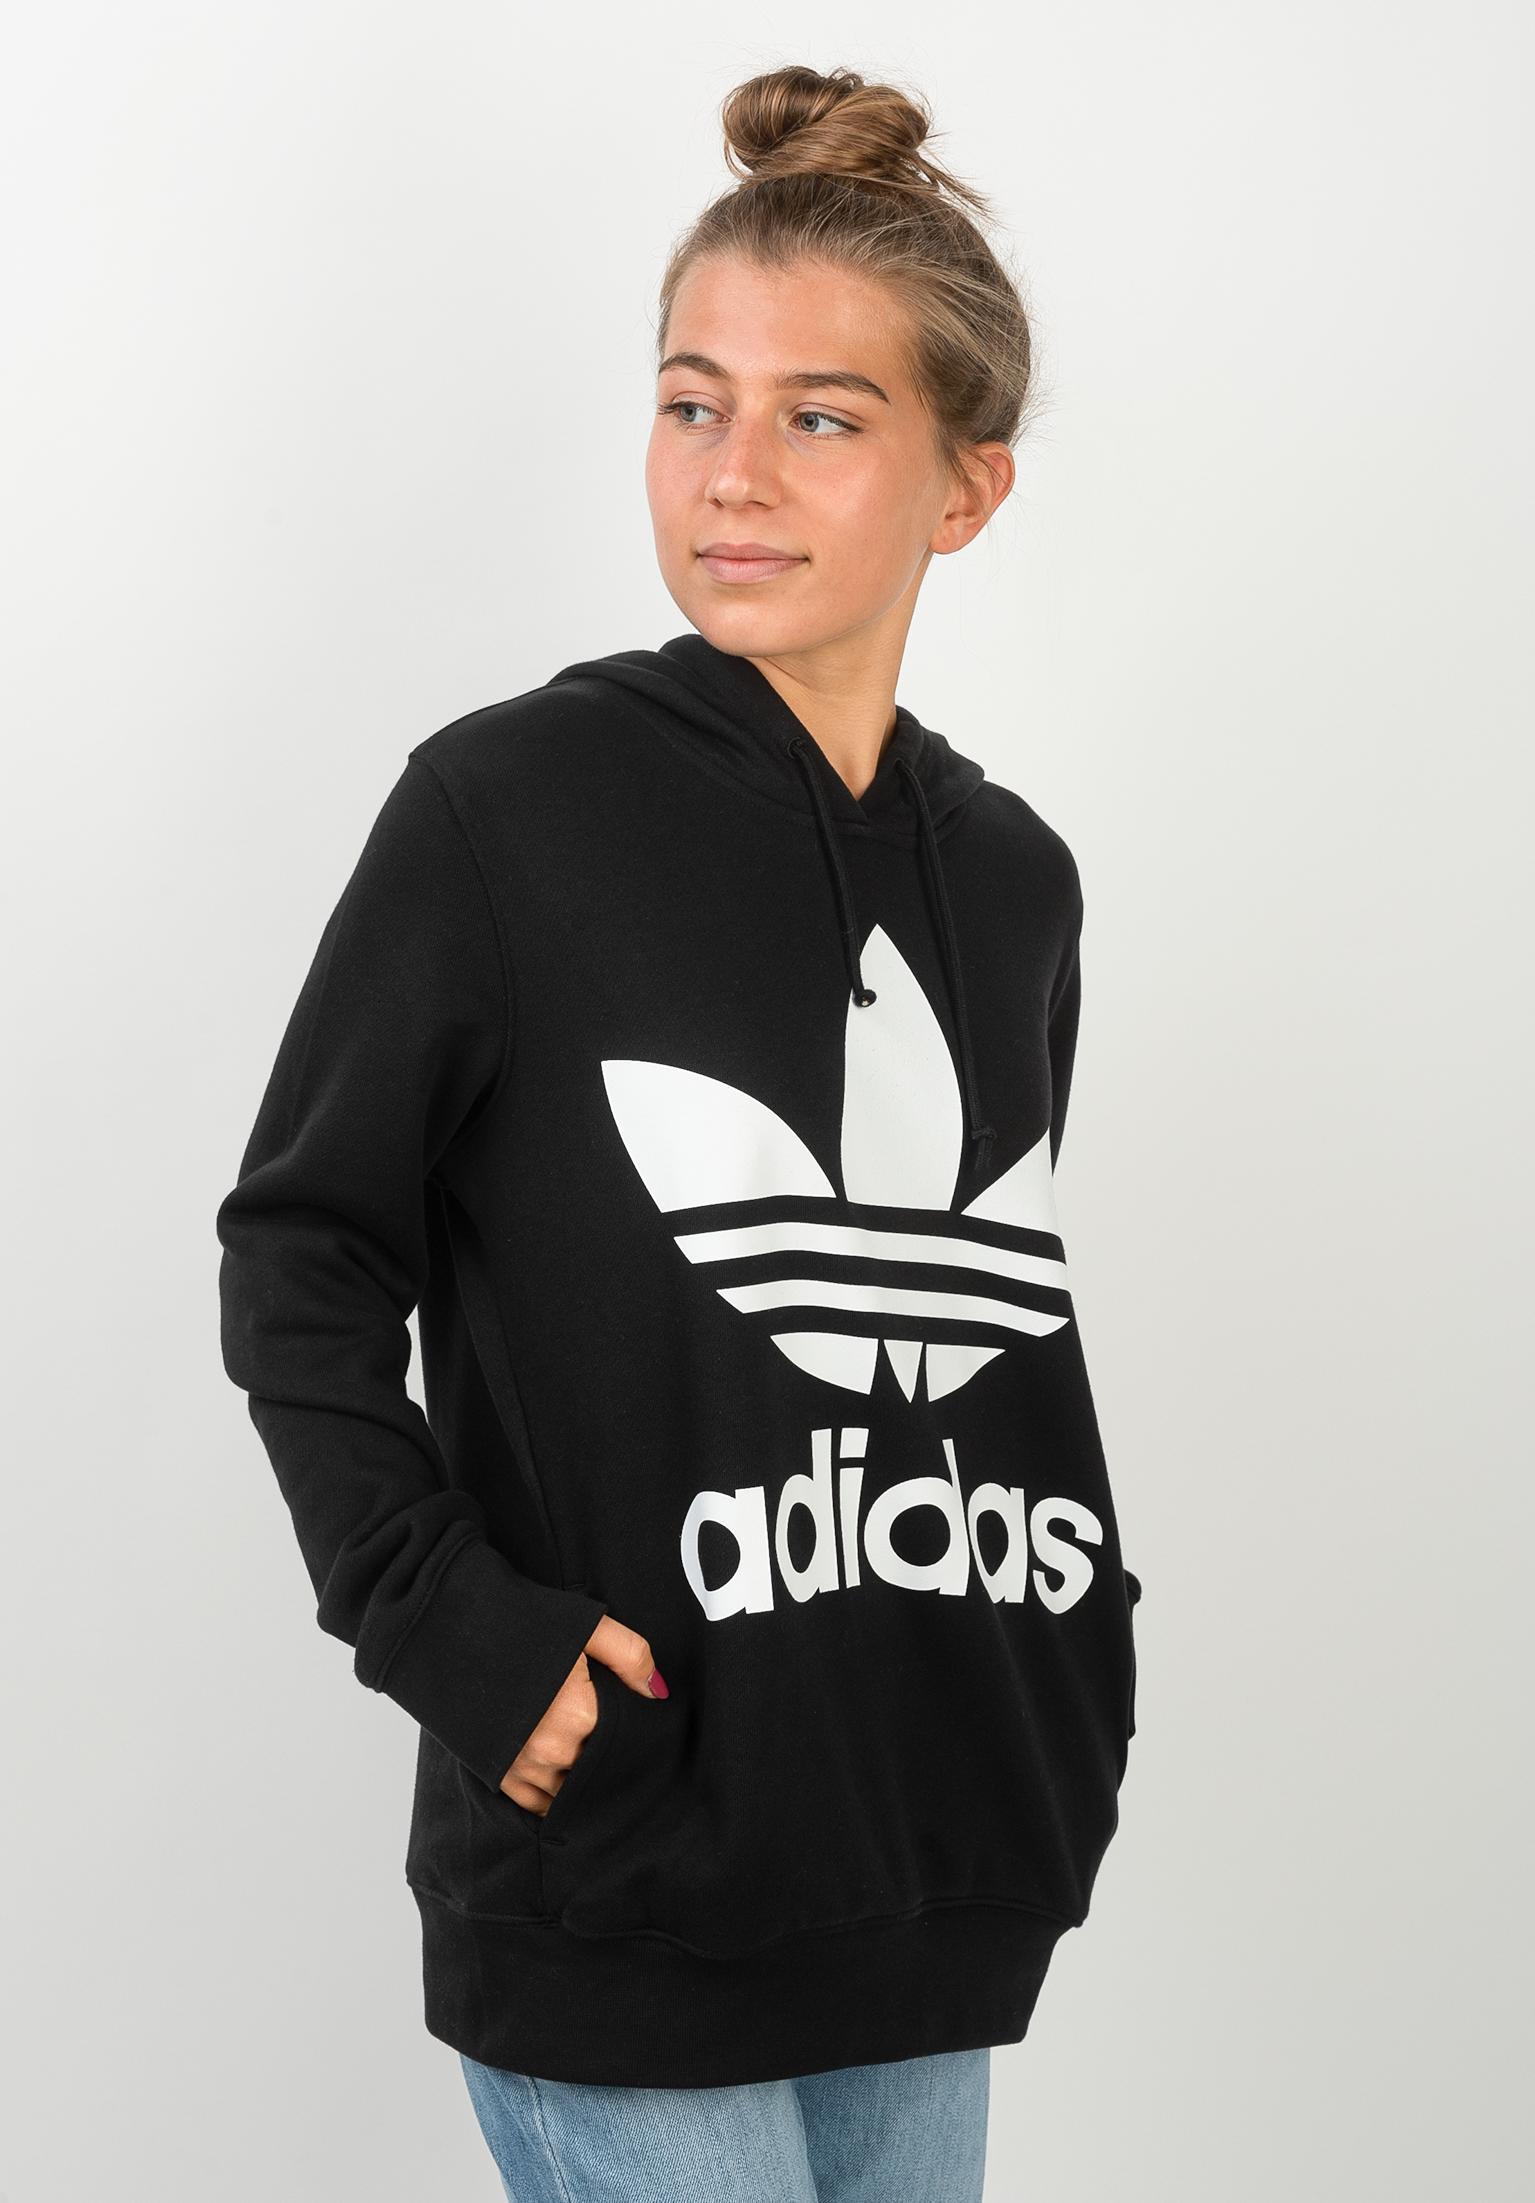 Hoodies für Mädels jetzt im Titus Onlineshop kaufen | Titus